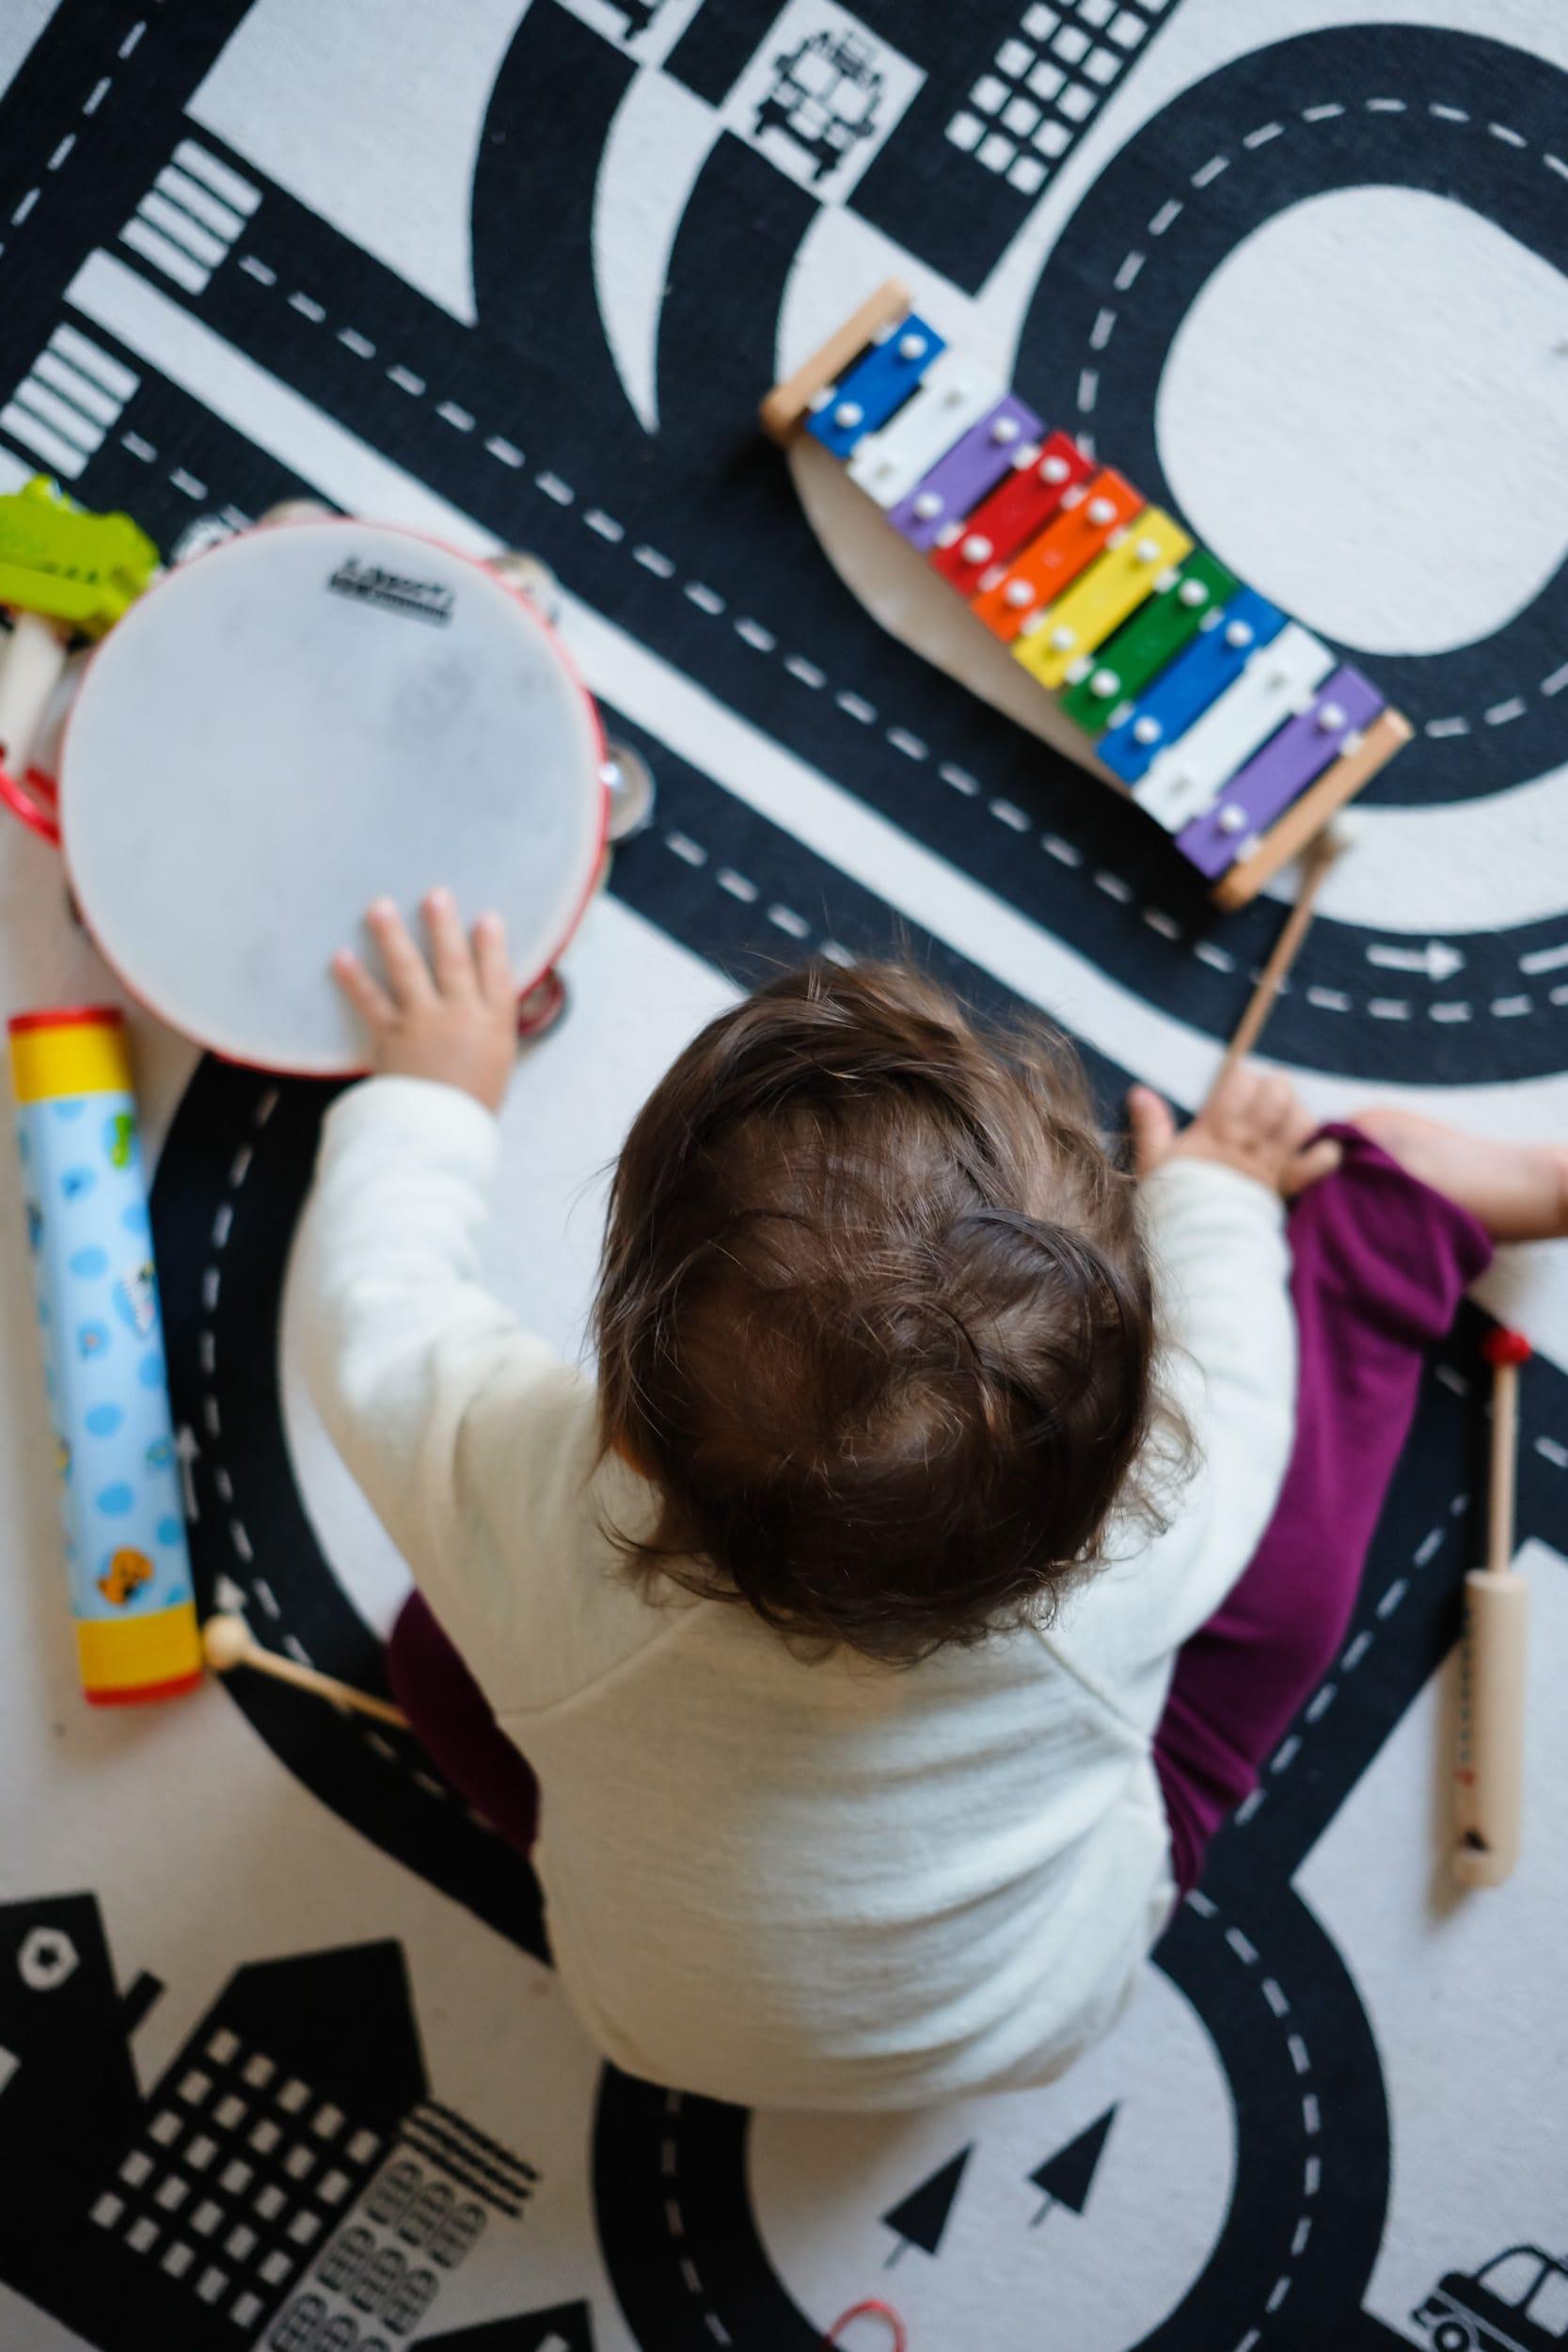 908ee8a105 Musikinstrumente für Kleinkinder | Zuhause musizieren mit Kleinkindern und  Babys | ivy.li